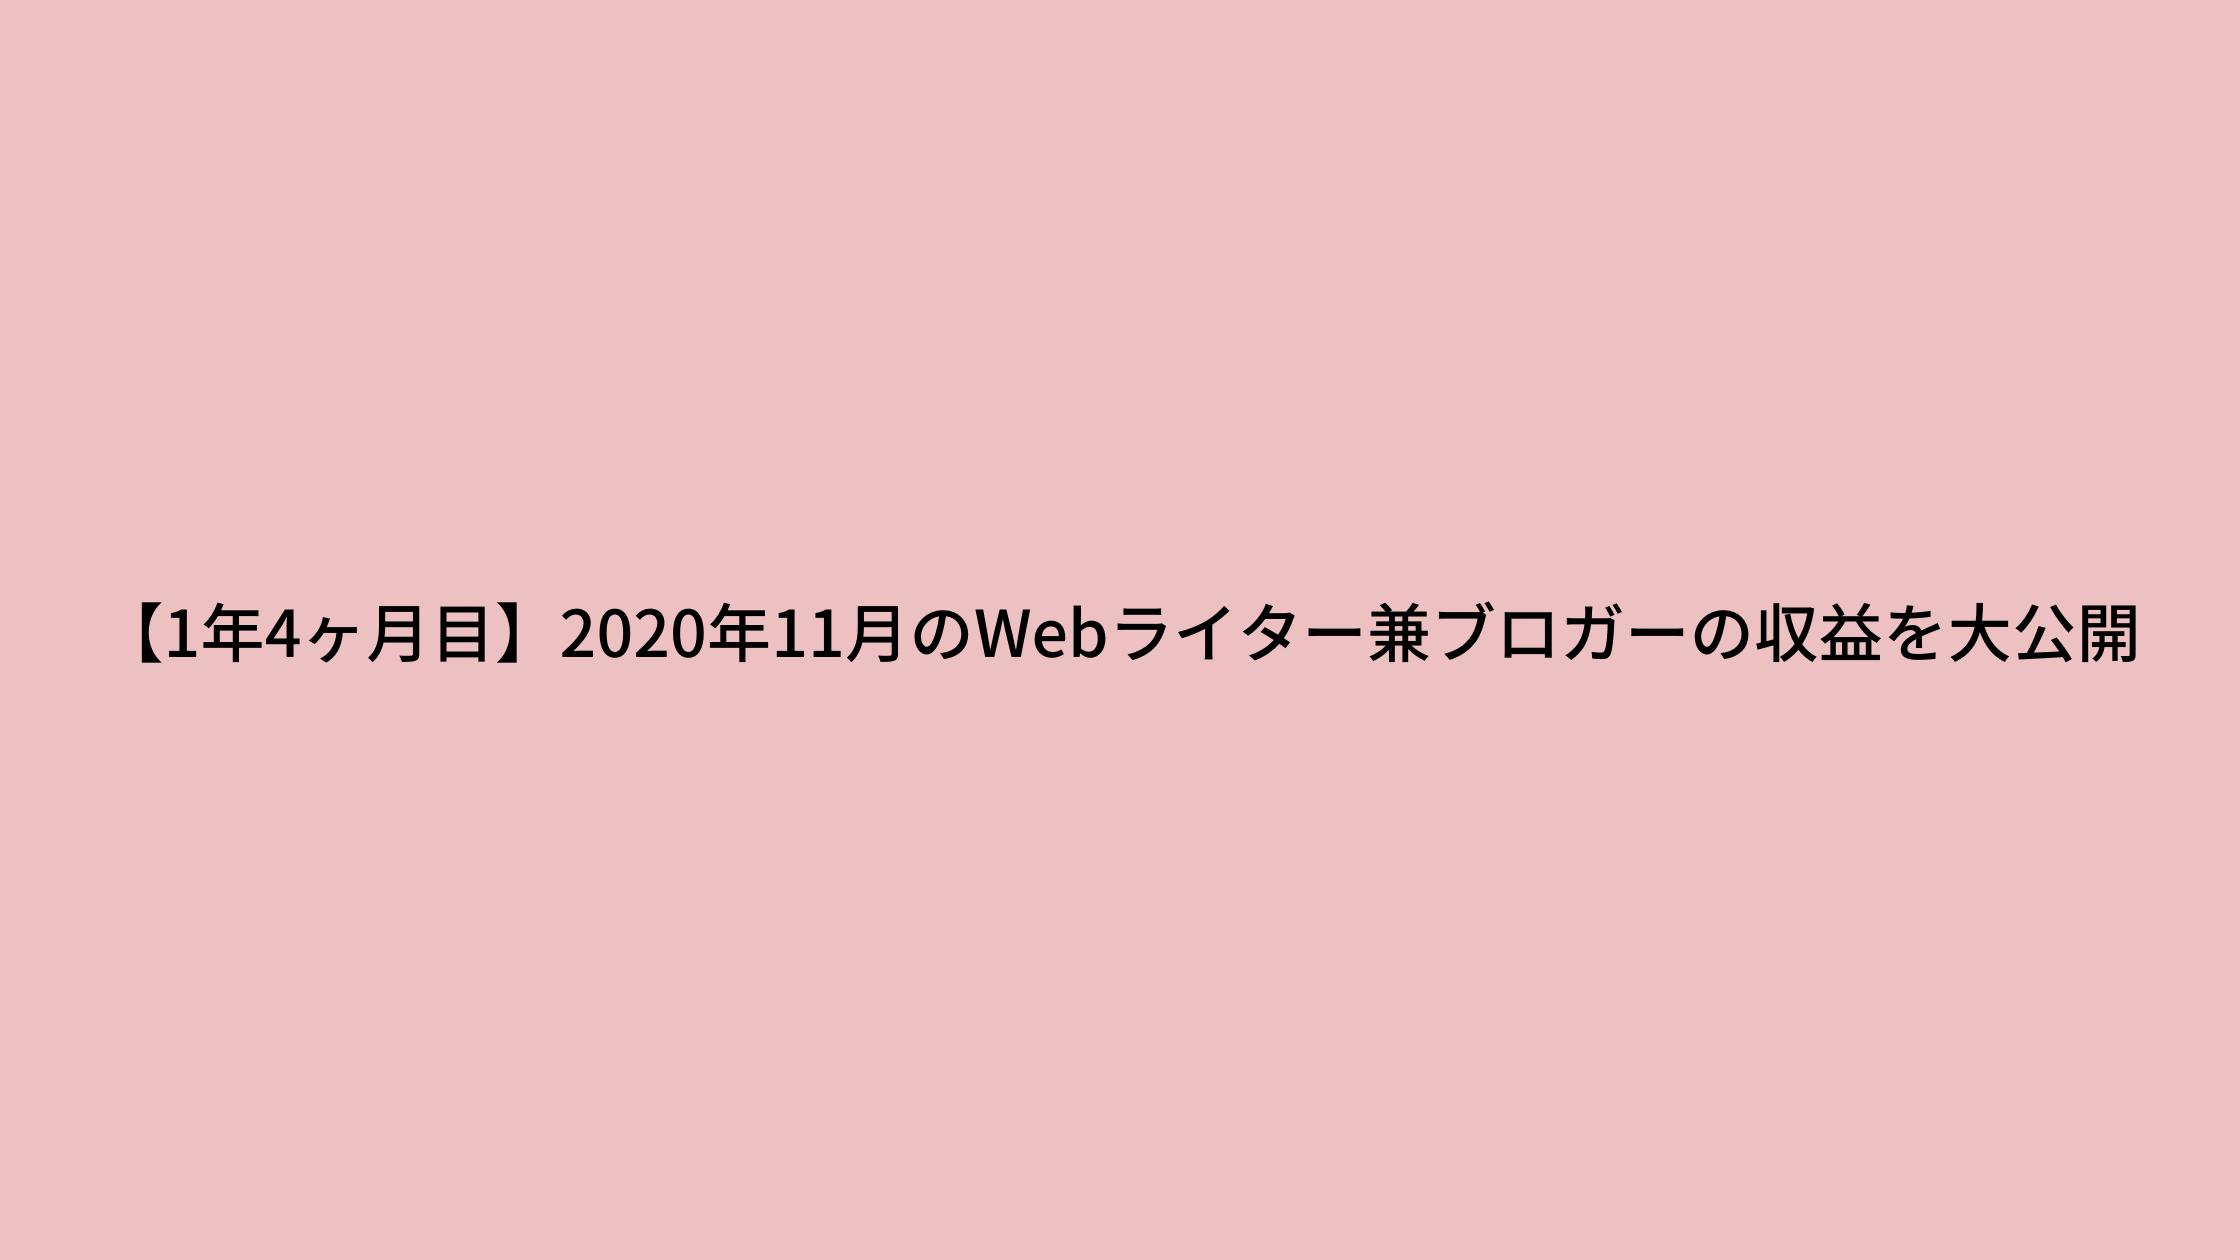 【1年4ヶ月目】2020年11月のWebライター兼ブロガーの収益を大公開